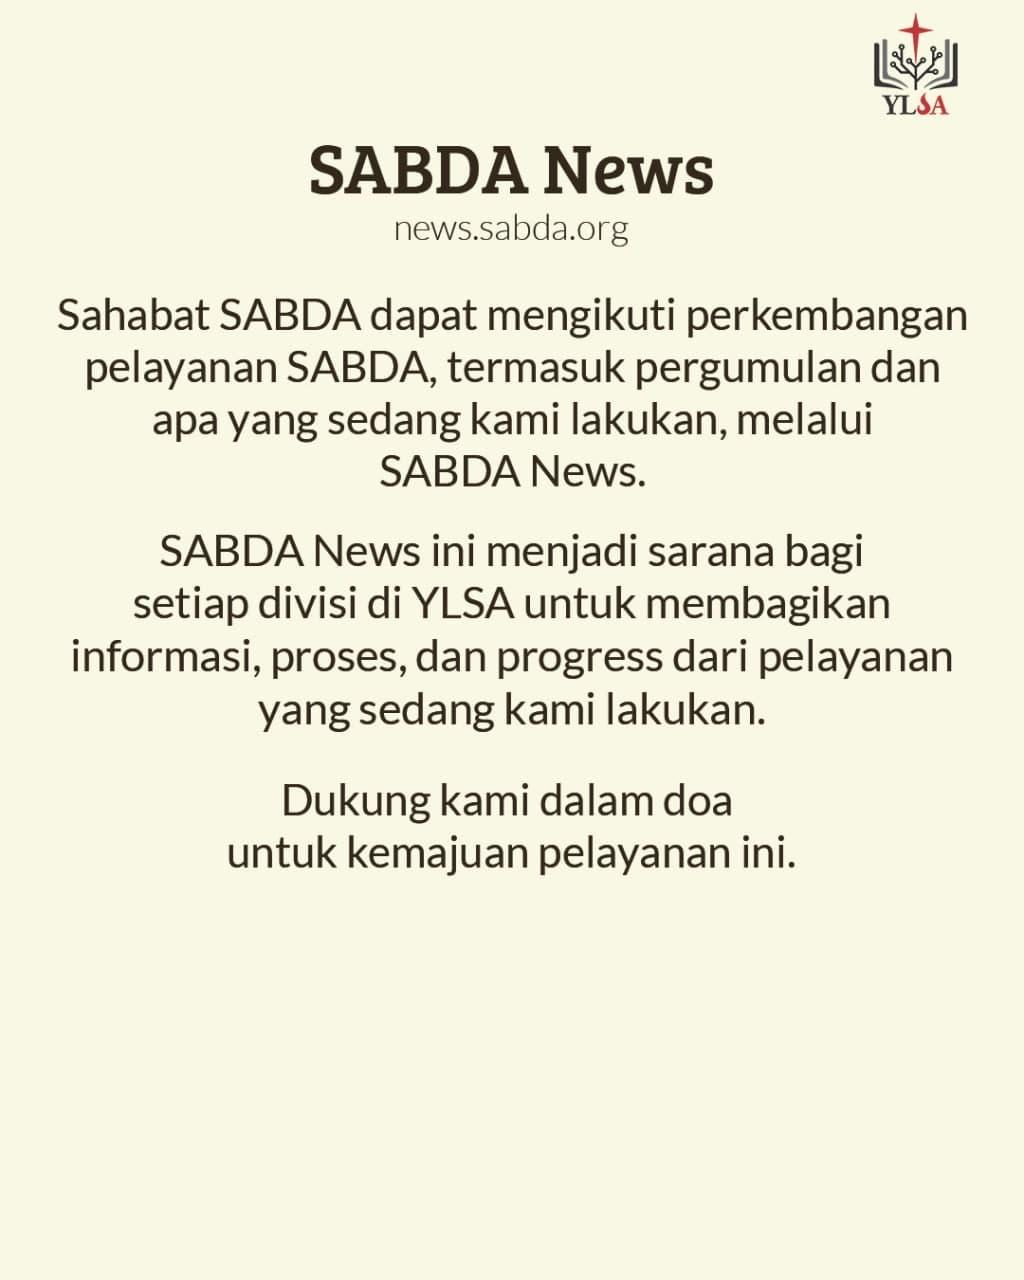 SABDA News menjadi sarana bagi setiap divisi di YLSA untuk membagikan informasi, proses, dan progress dari pelayanan yang sedang kami lakukan.